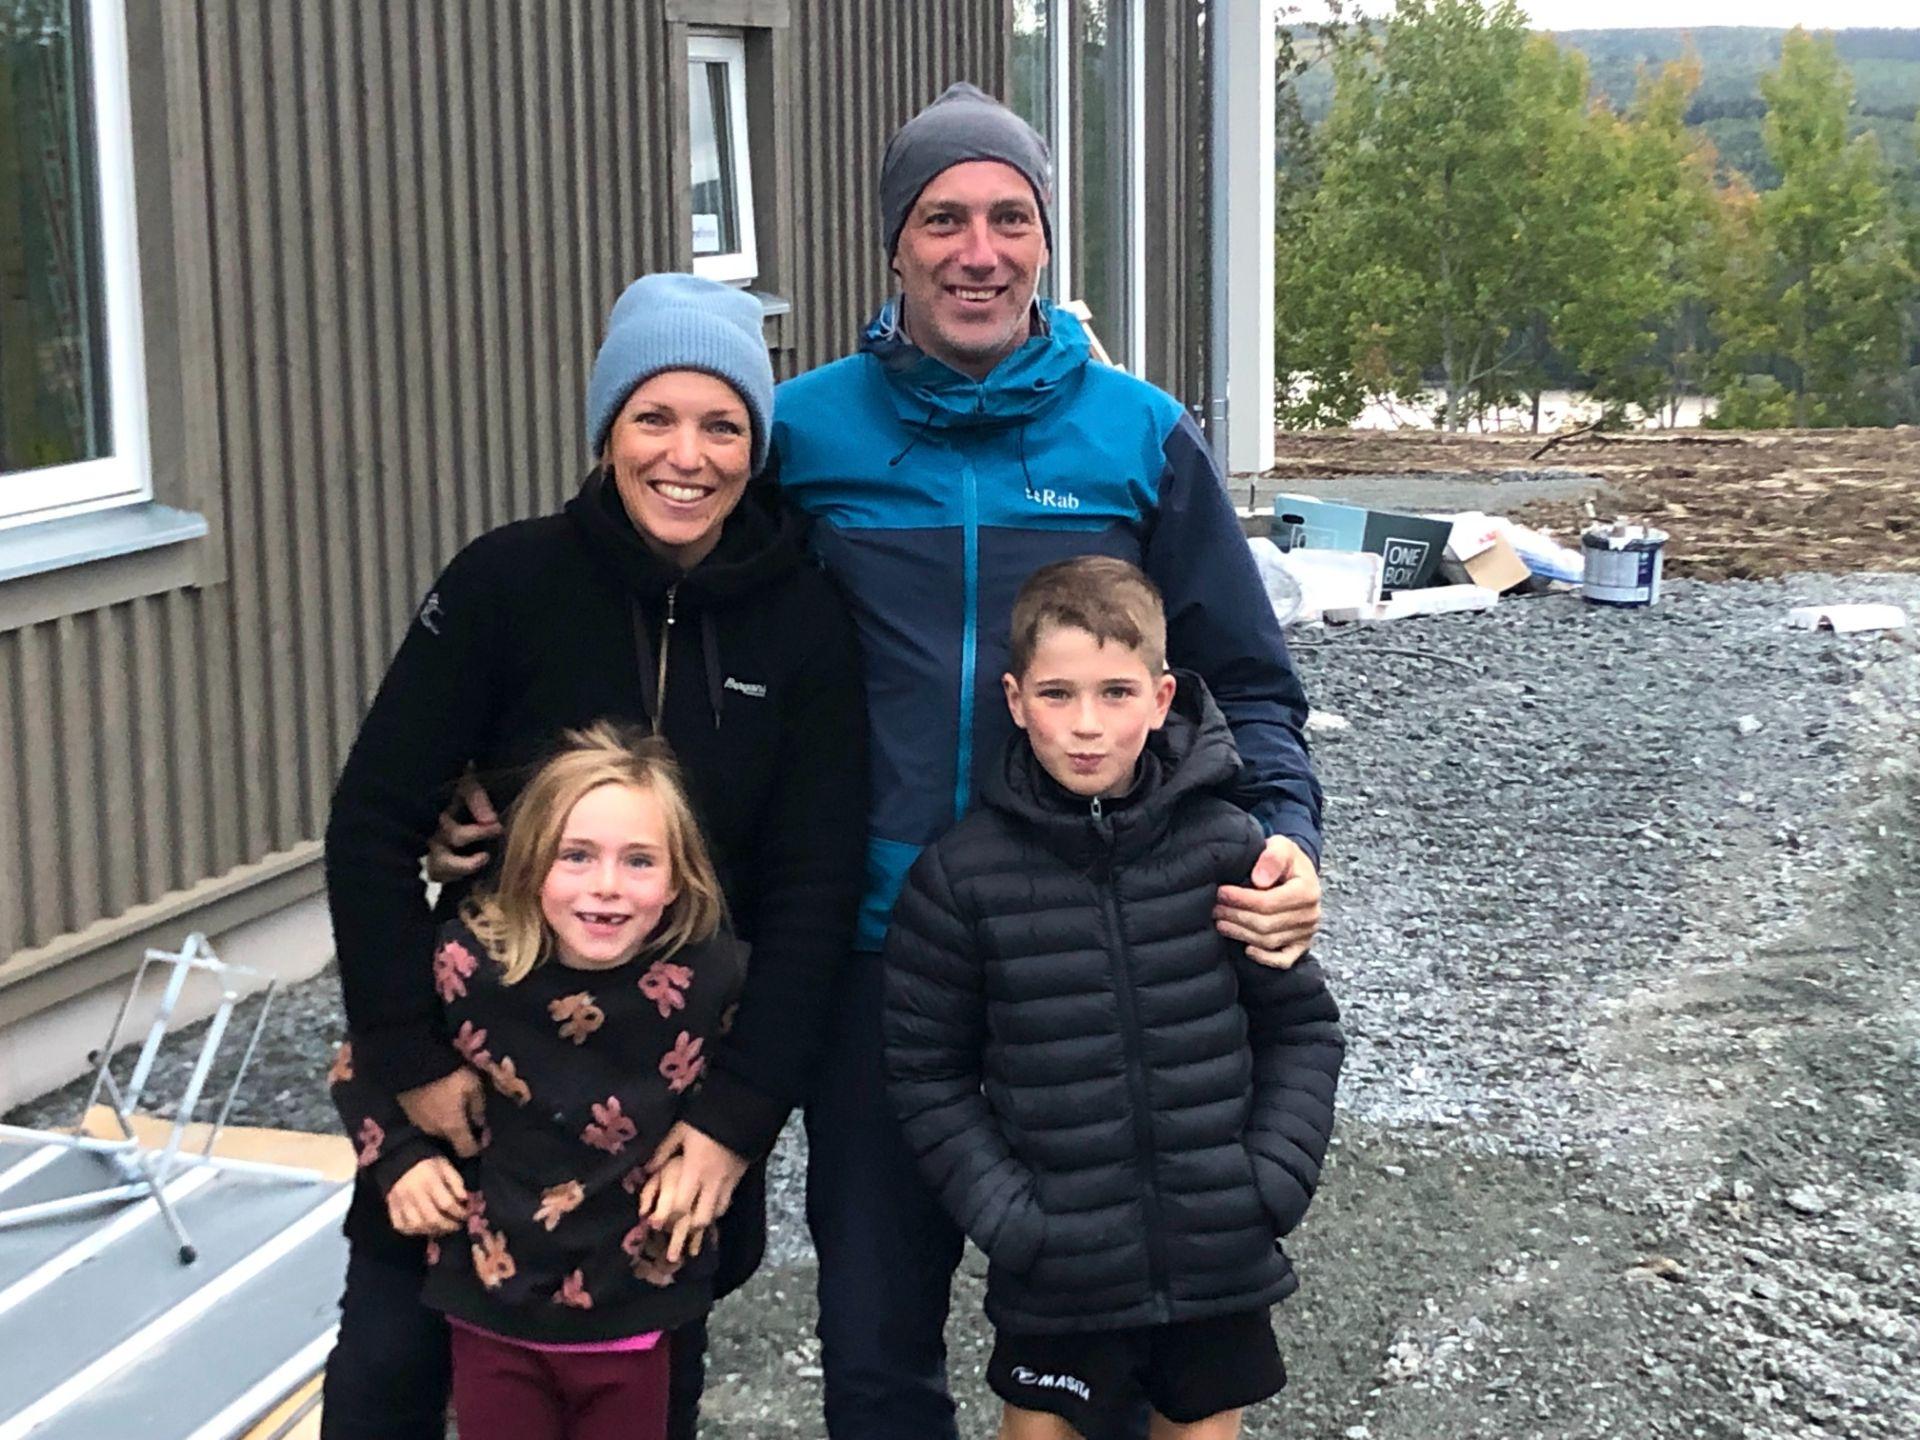 Familjen Örberg-Edelhausen flyttade från Umeå till Kaxås i augusti, om några veckor flyttar de in i sitt nya hus i Ekobyn Ladriket. Maja och Richard med barnen Espen och Ilse som nu börjat på Kaxås skola.